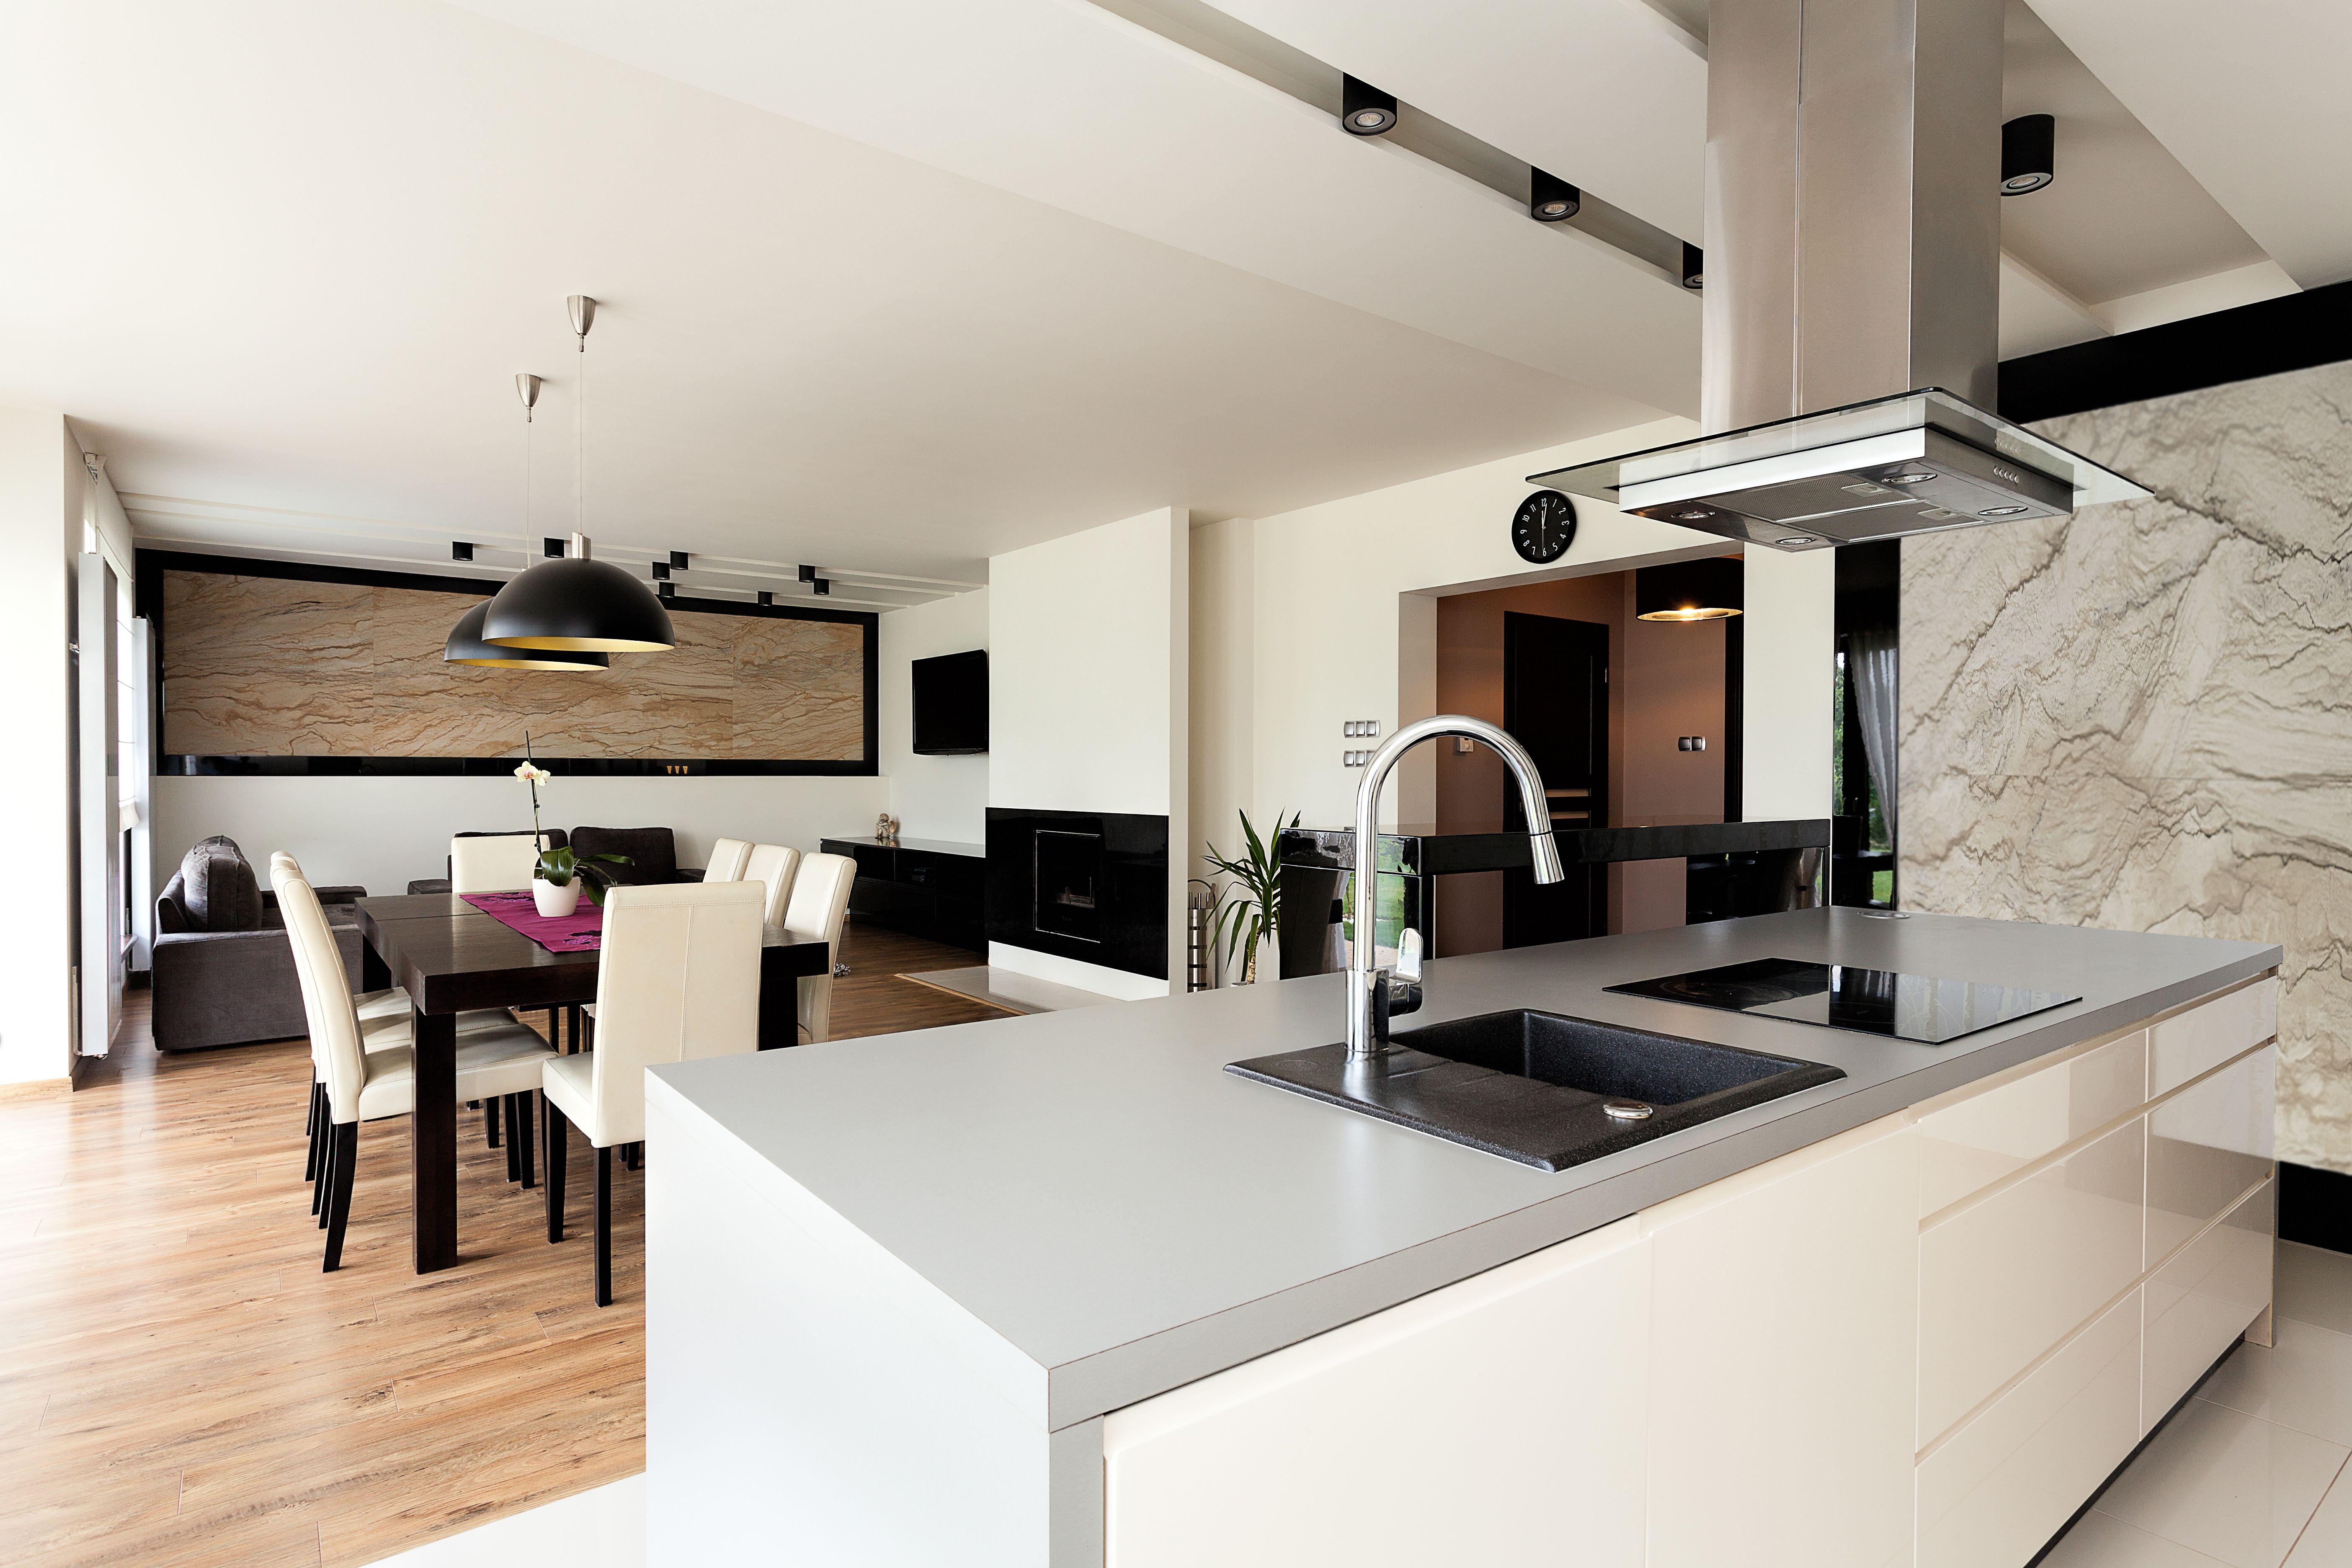 Nowoczesna Kuchnia Wyspa W Kuchni Drewniane Meble Zielone Akcenty W Kuchni White Modern Kitchen Home Decor Home